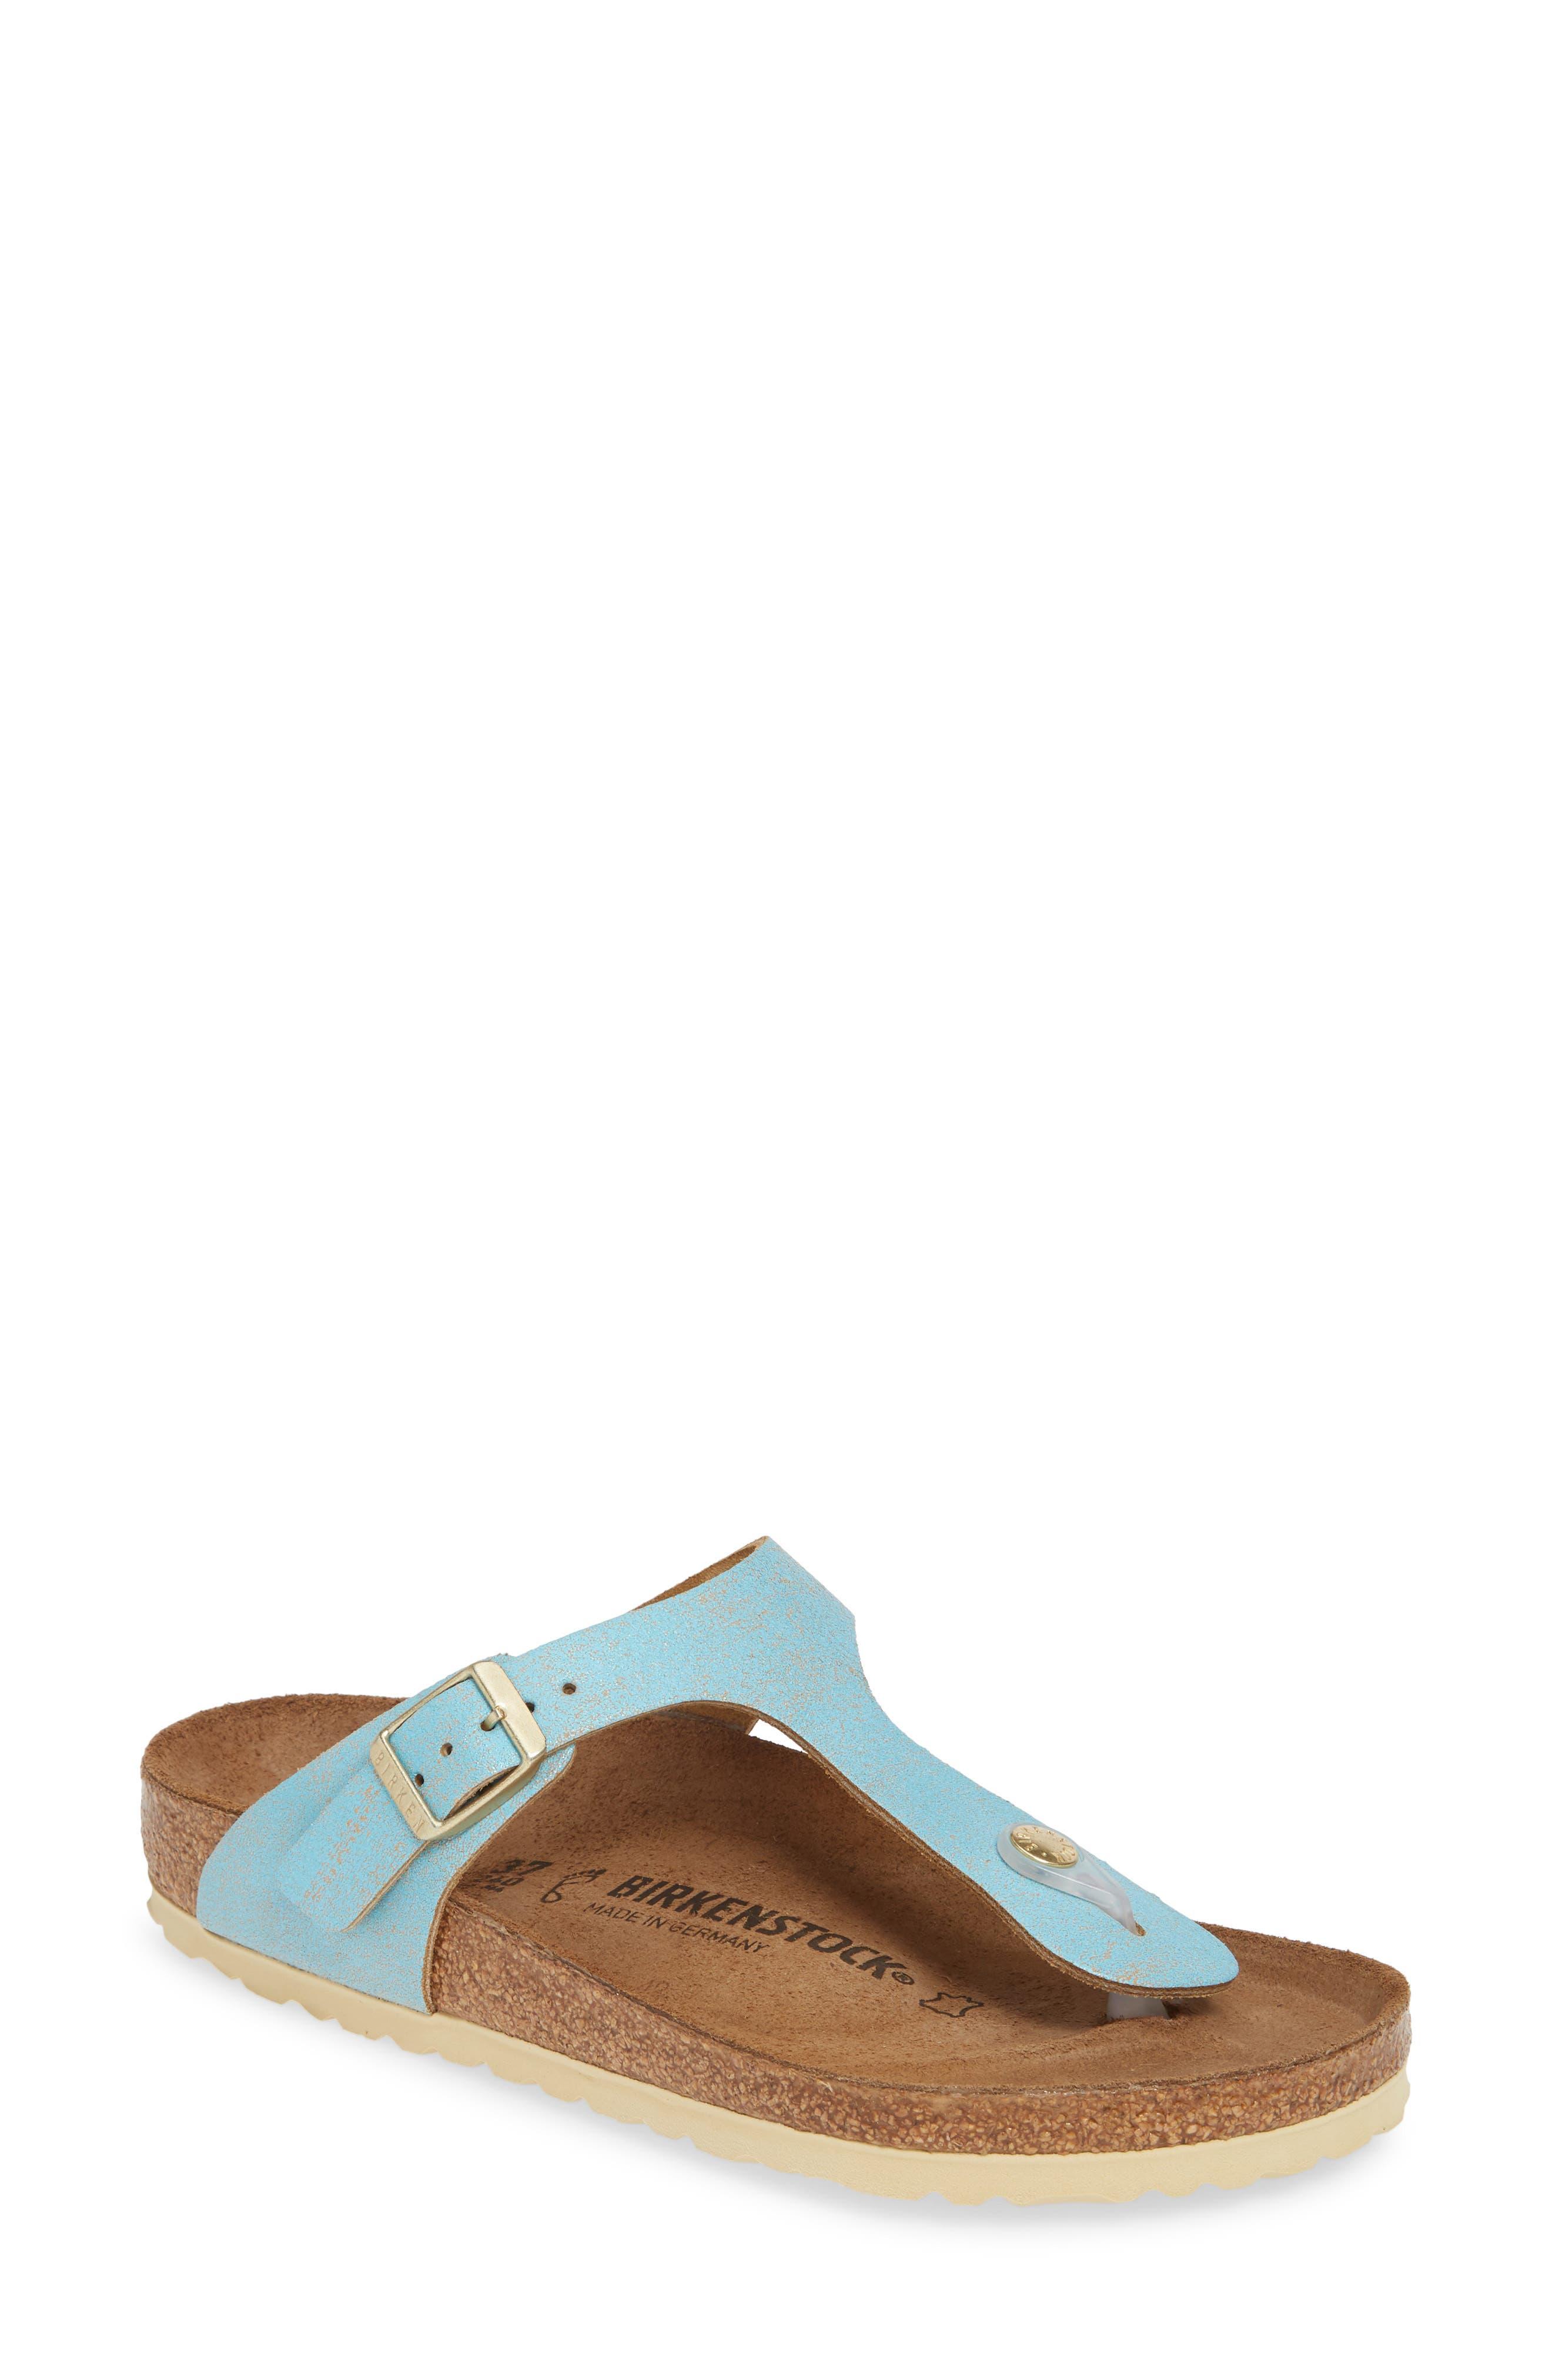 Birkenstock Gizeh Flip Flop,5.5 - Blue